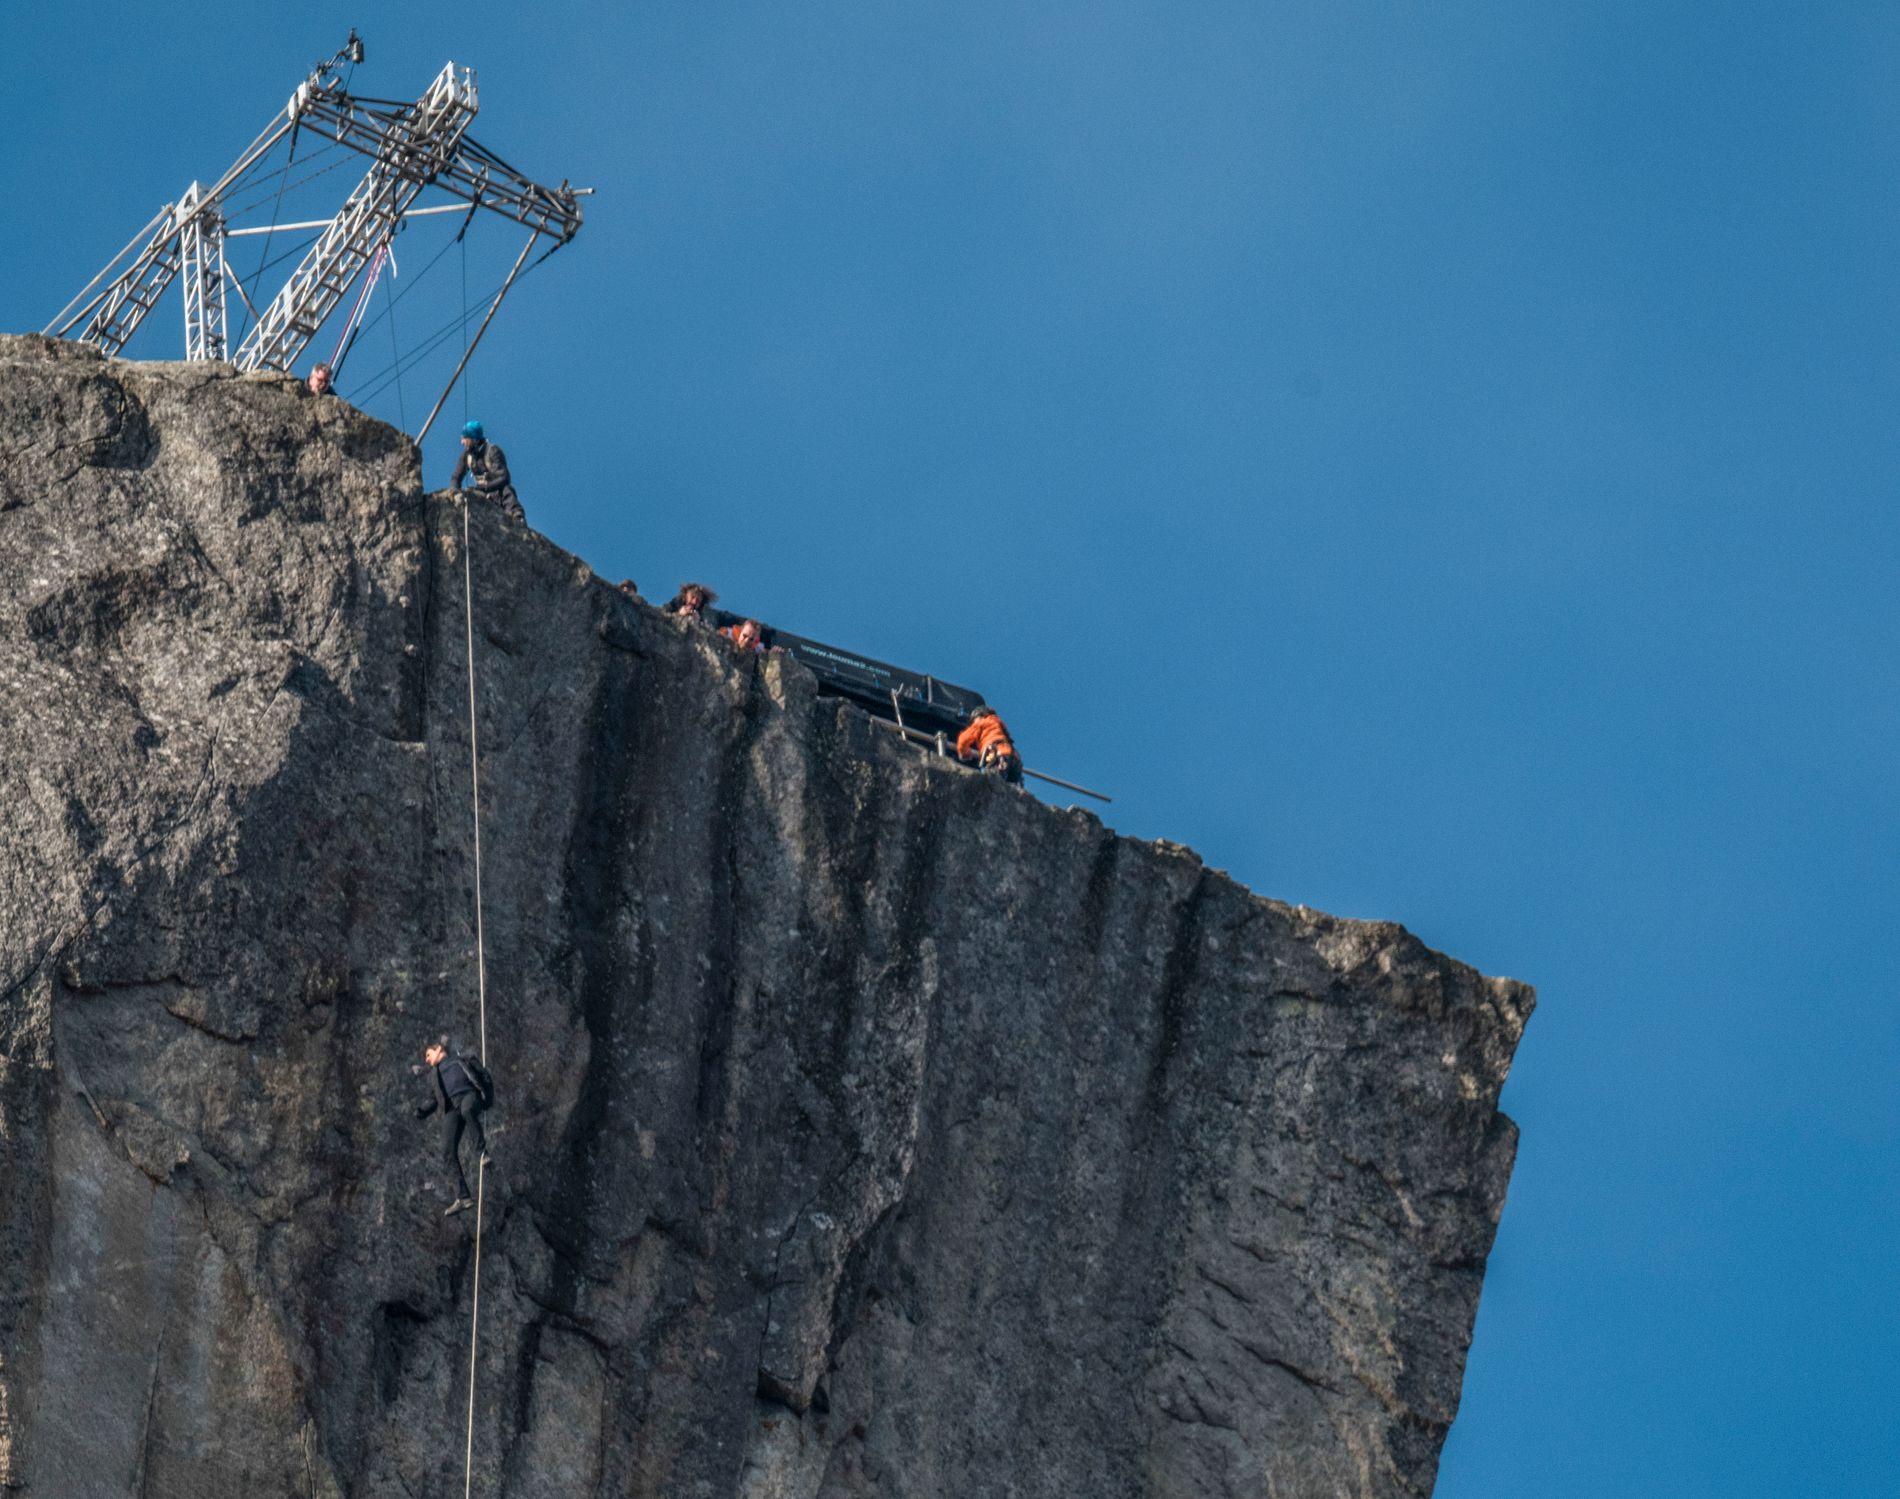 HØYT HENGER HAN: Her henger Tom Cruise utenfor Preikestolen. Bildet er tatt fra Lysefjorden, 604 meter under selve platået på Preikestolen.